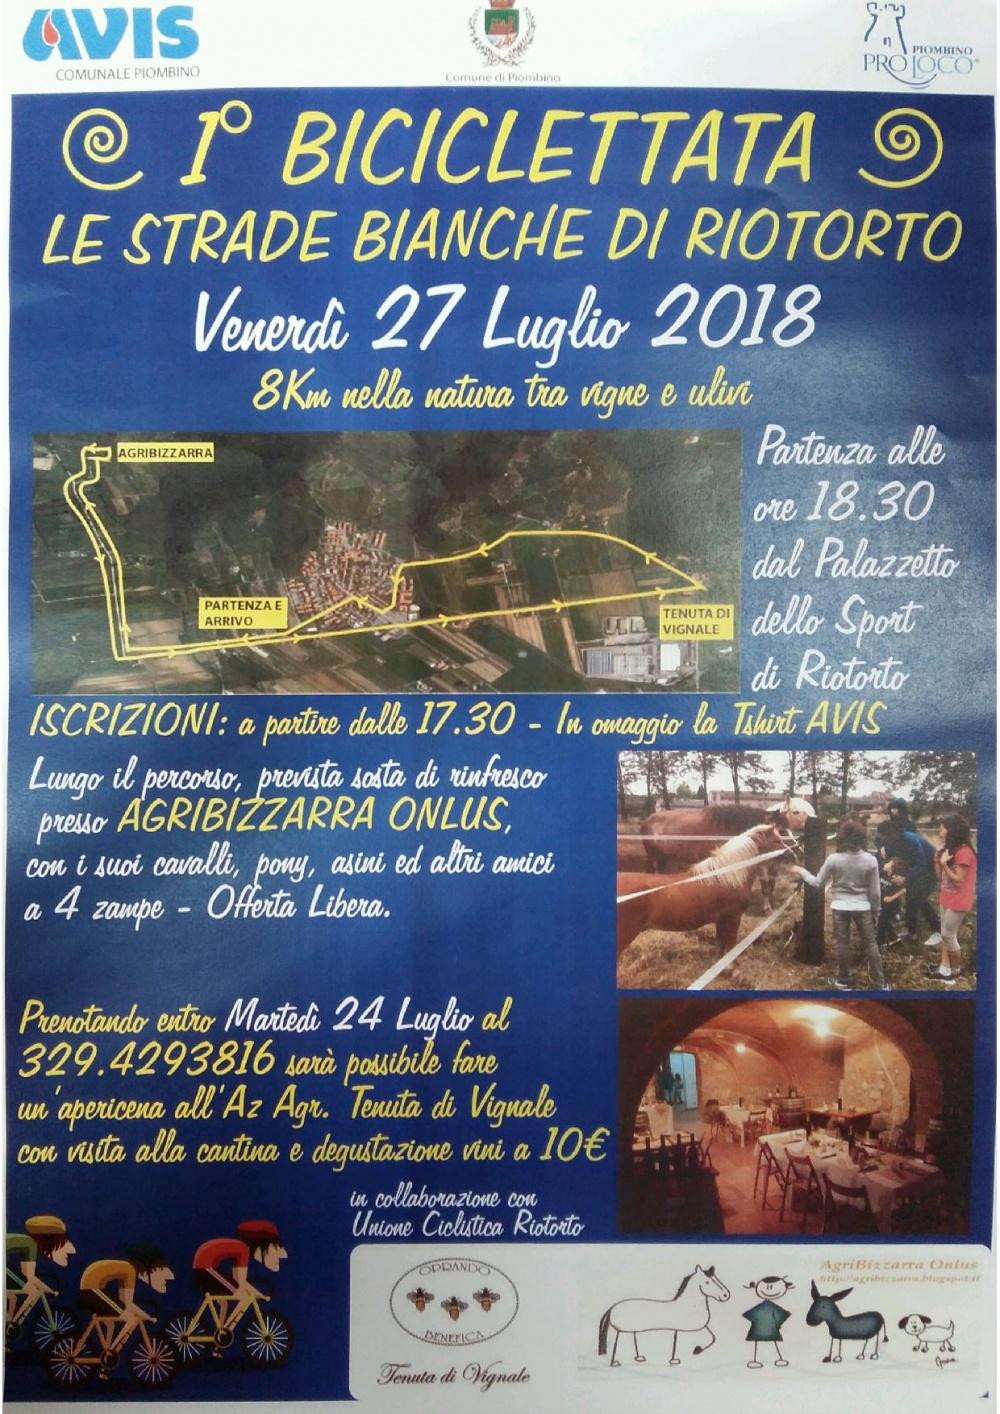 1° Biciclettata Le Strade Bianche di Riotorto